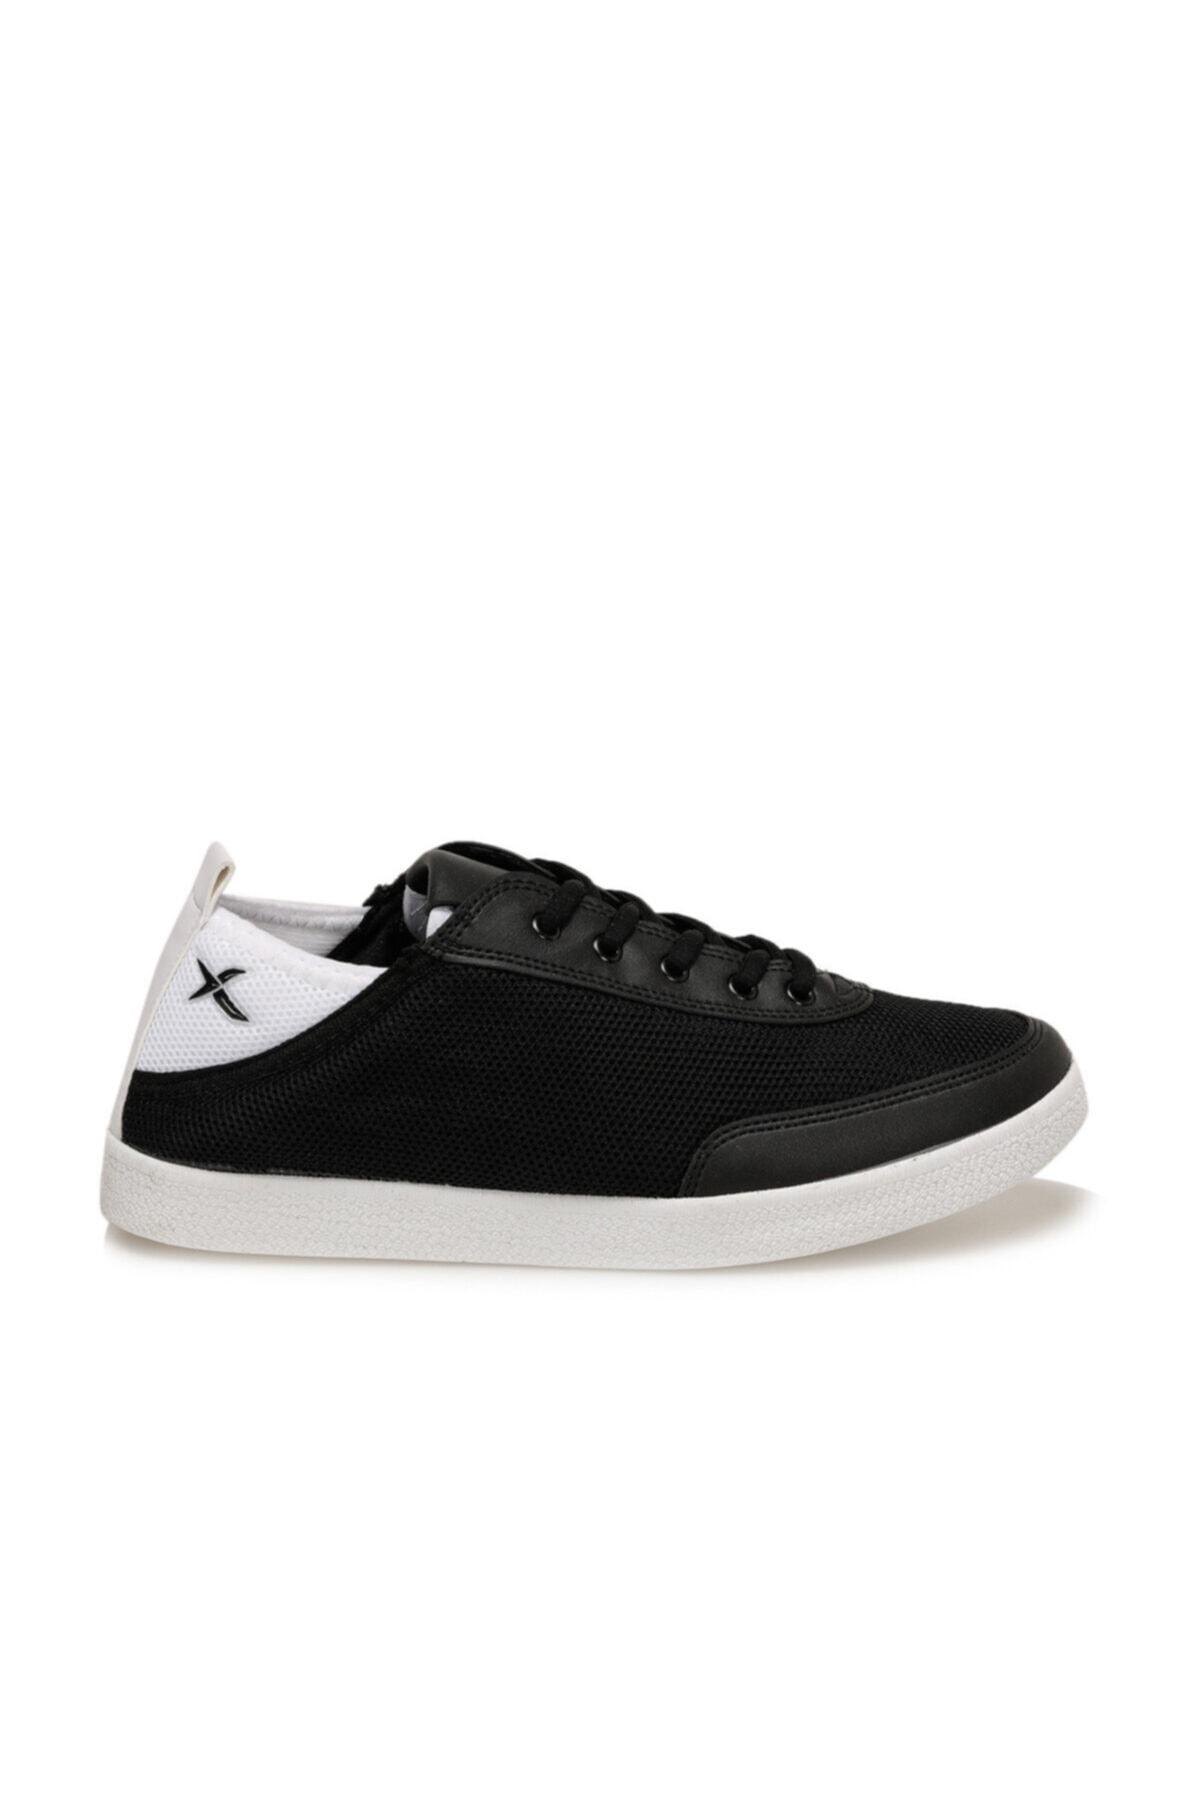 Kinetix DARBY Siyah Erkek Sneaker 100496444 2